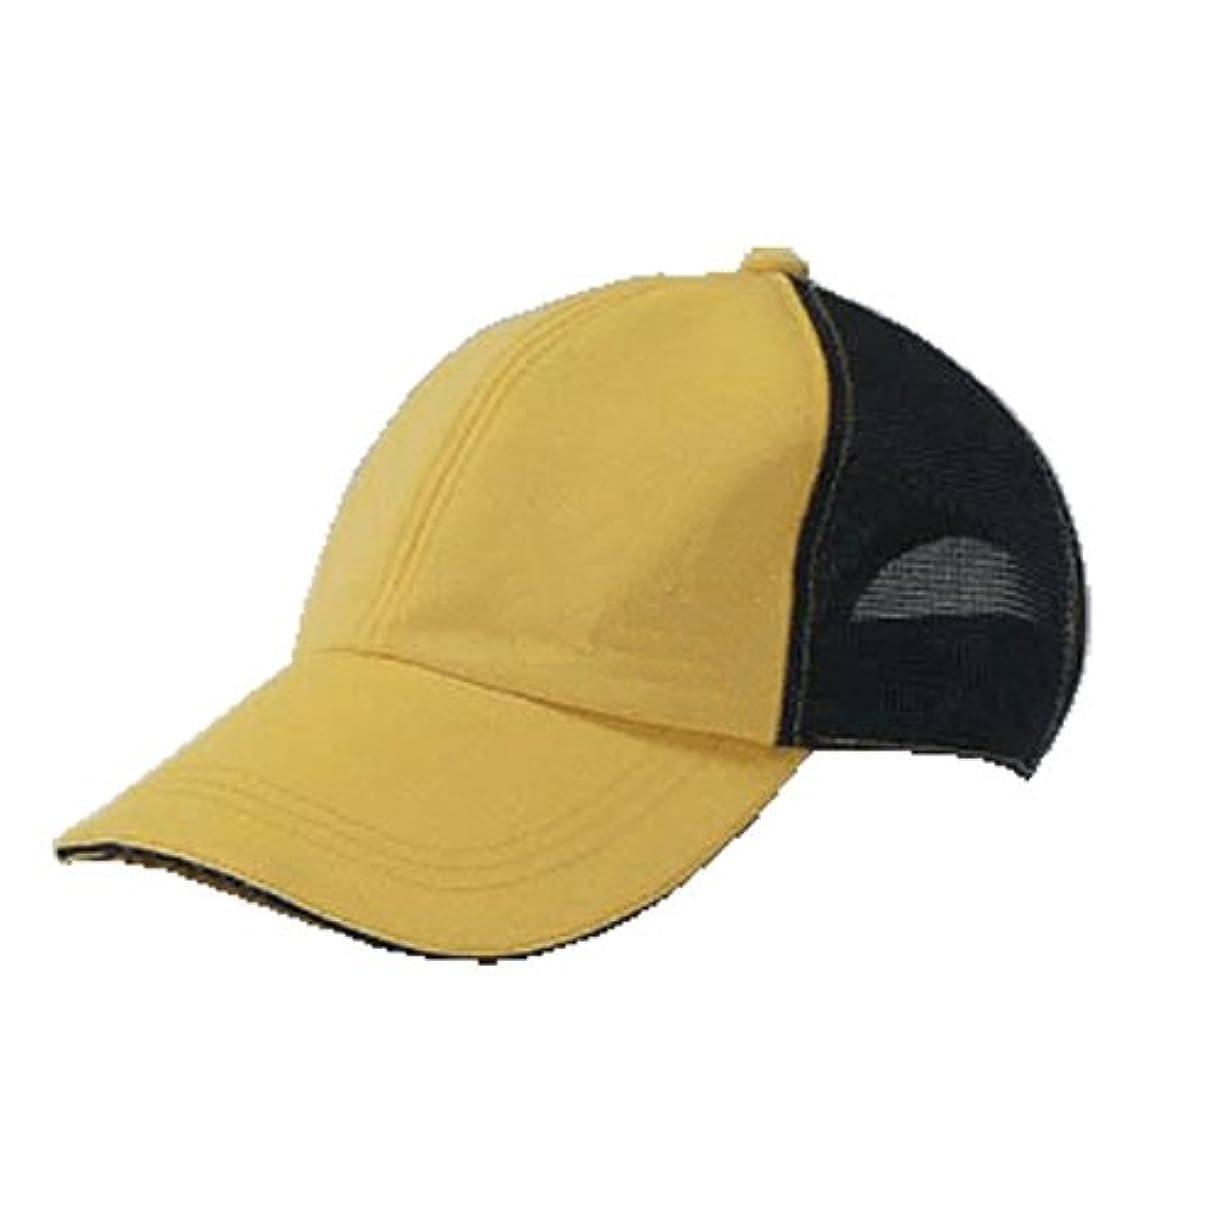 収まる理容室仲間、同僚LEDライト付き帽子 TERUBO メッシュタイプ 黄/黒